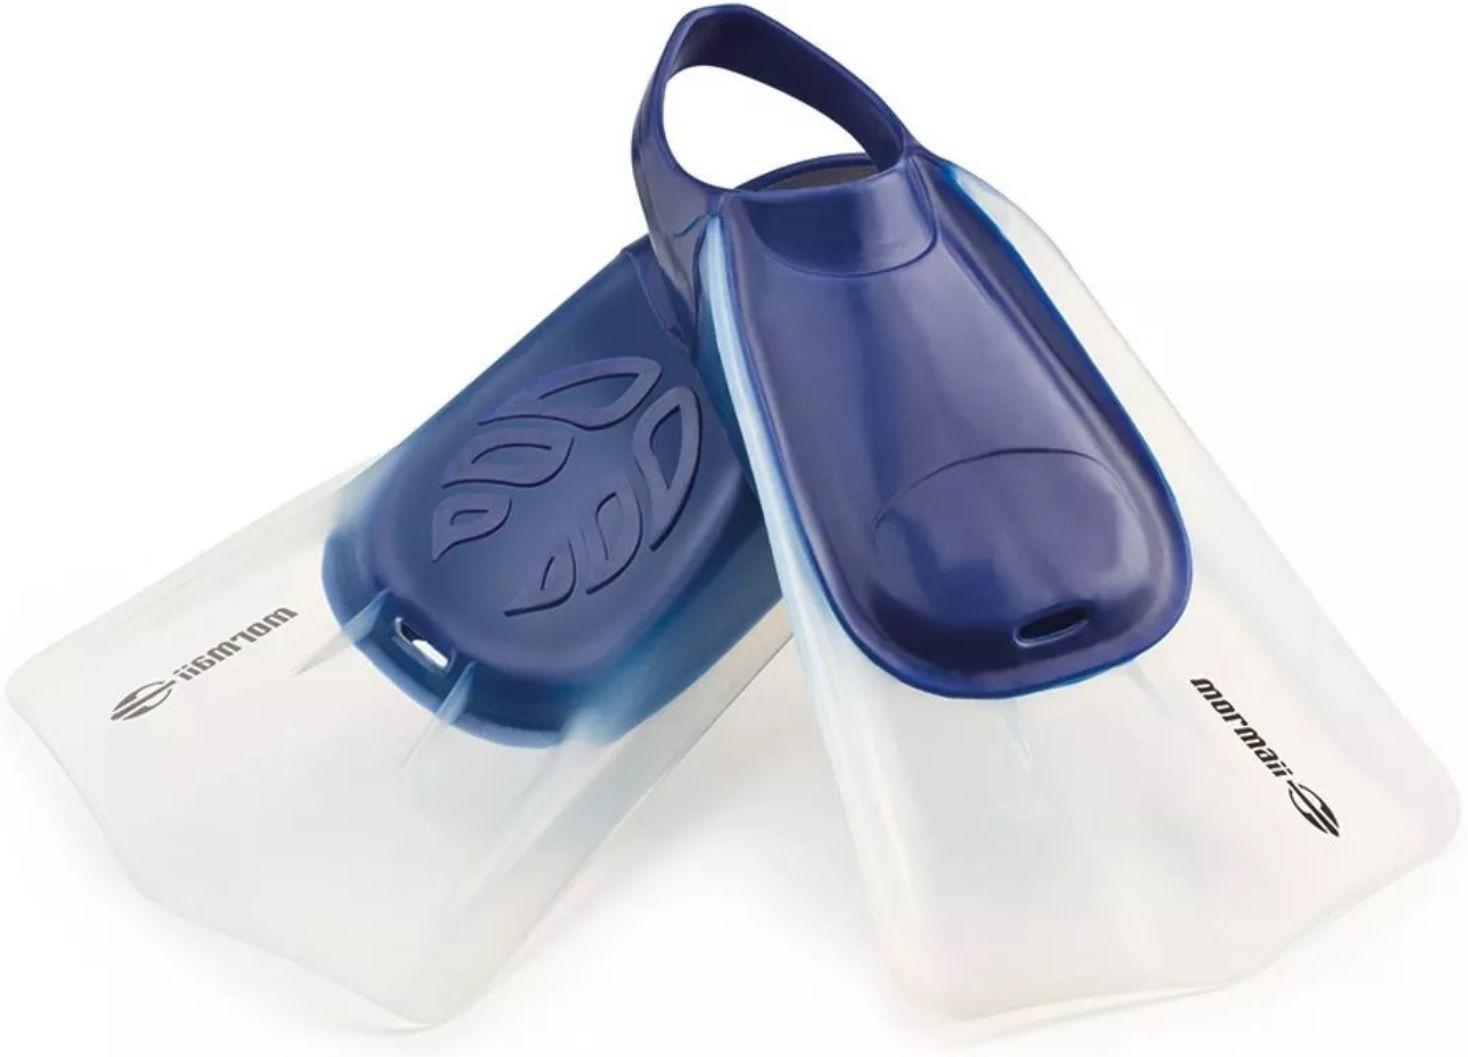 Nadadeira Pé de Pato Mormaii Wave Azul Tamanho GG para Bodyboard e Natação